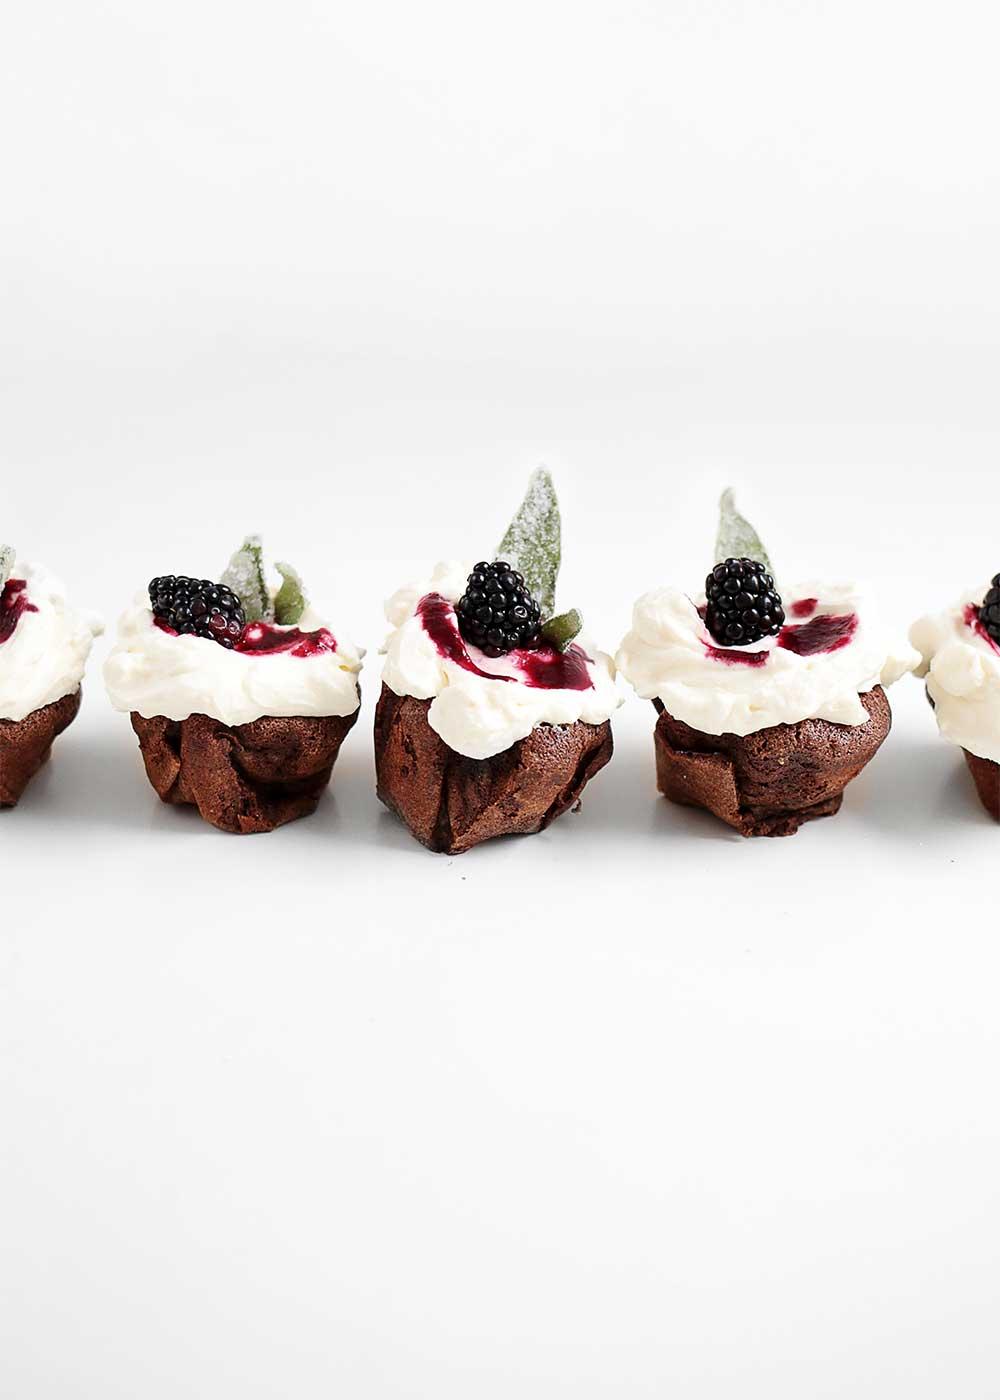 Flourless cupcakes